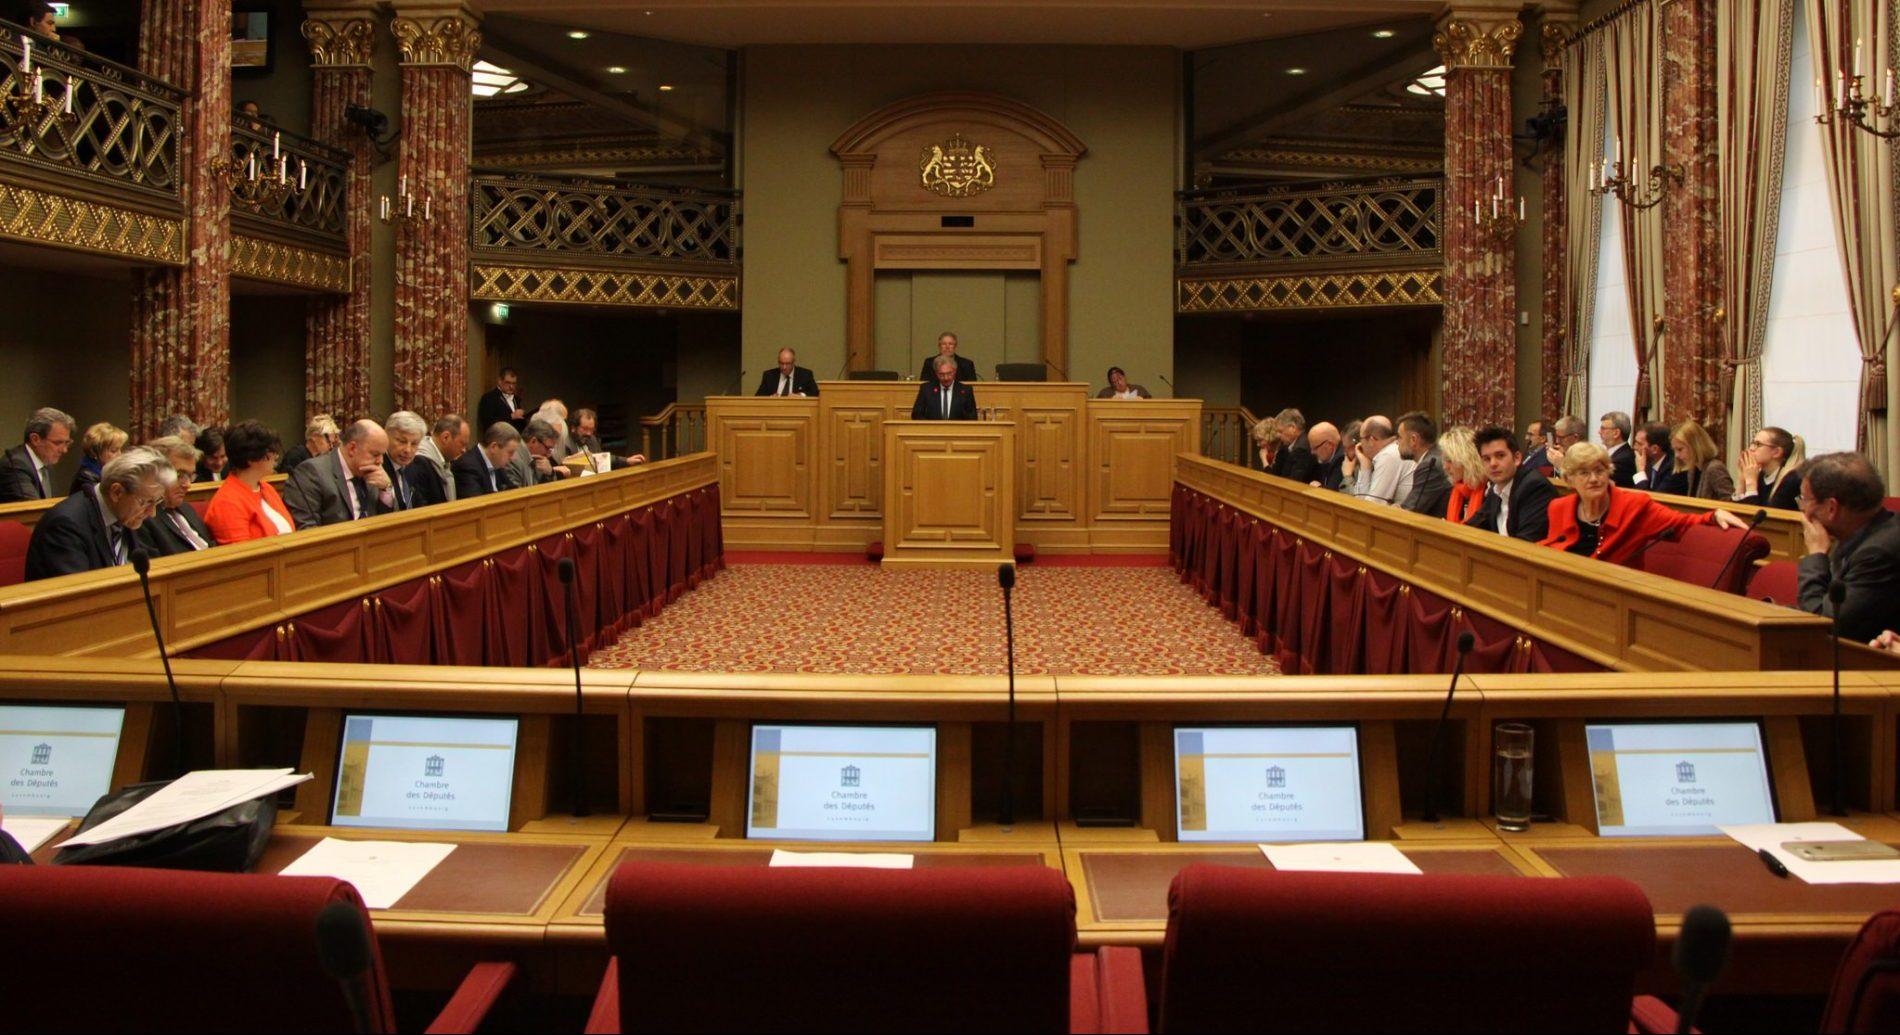 Nebenjobs von Abgeordneten: Reding, Wolter, Gloden und Roth unter den Topverdienern - REPORTER